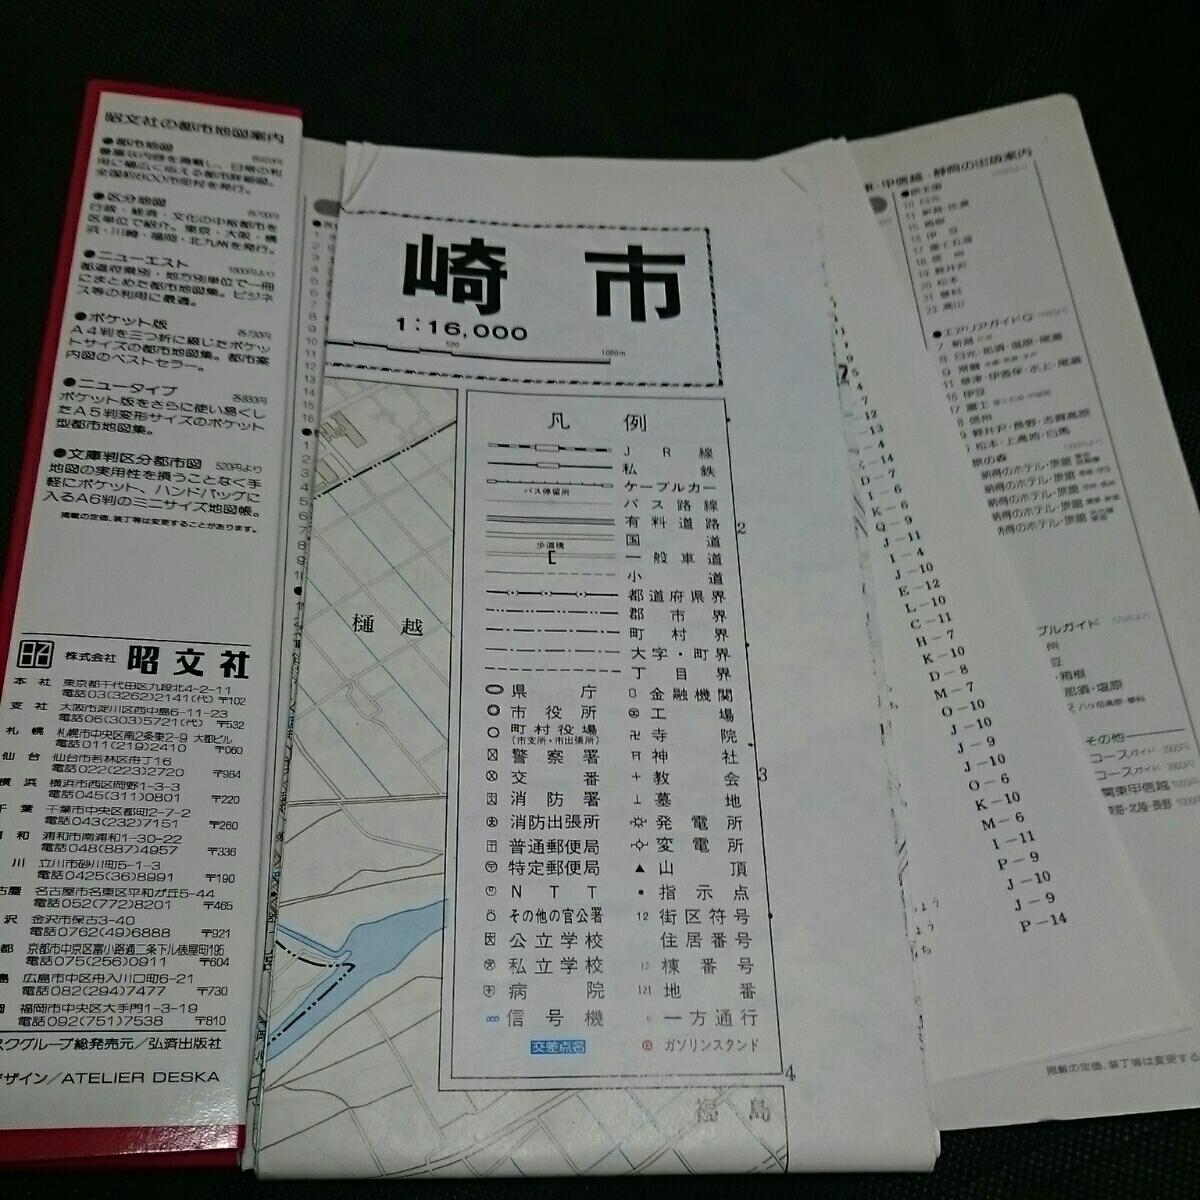 『エアリアマップ昭文社高崎市』4点送料無料古い地図多数出品_画像2